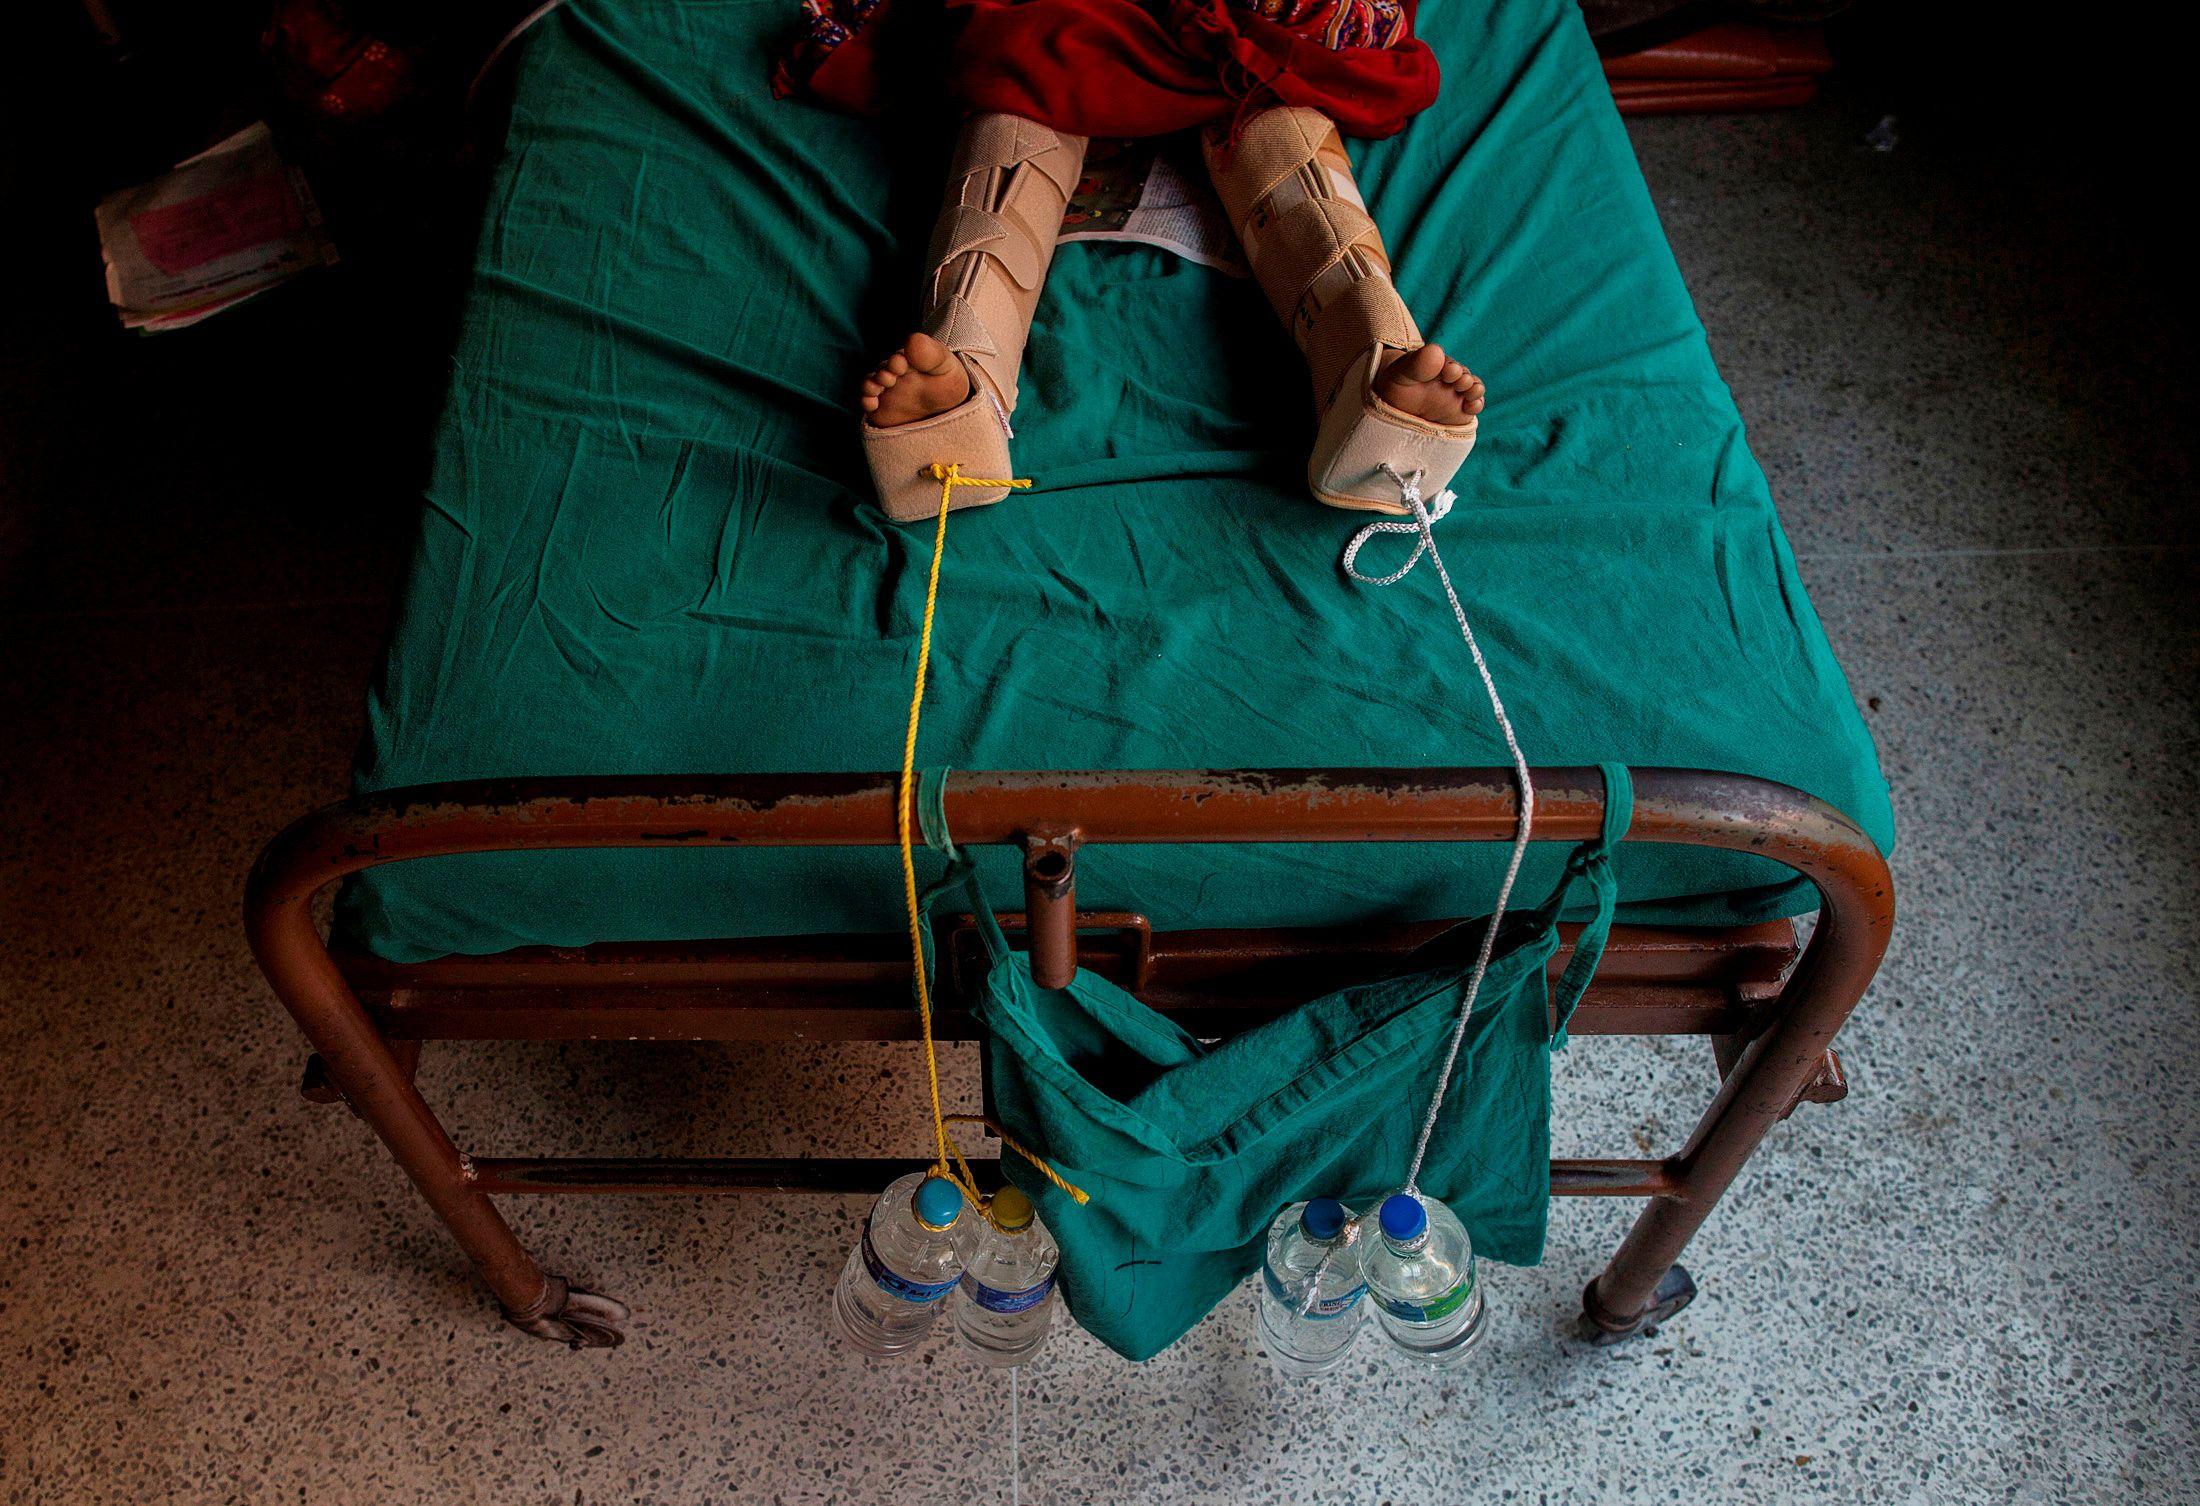 Cuerdas lastradas con botellas de agua se utilizan para aplicar tracción a las piernas de una niña herida tras fracturarse durante un terremoto en un hospital de Katmandú, Nepal, 29 de abril de 2015.